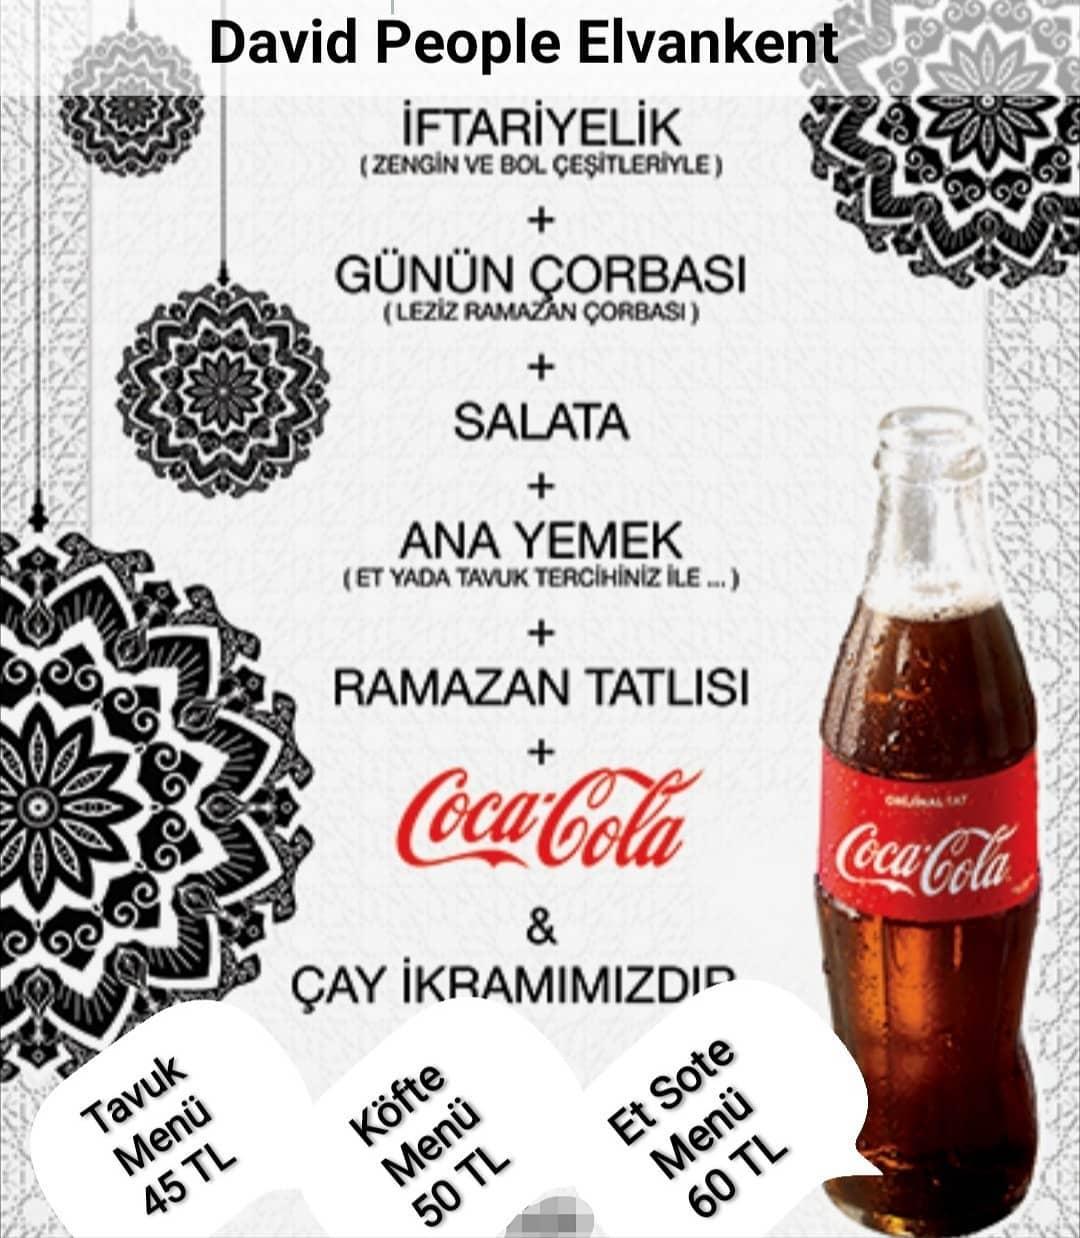 david people elvankent iftar menüleri elvankent iftar menüsü fiyatları ankara elvankent iftar mekanları ramazan menüsü